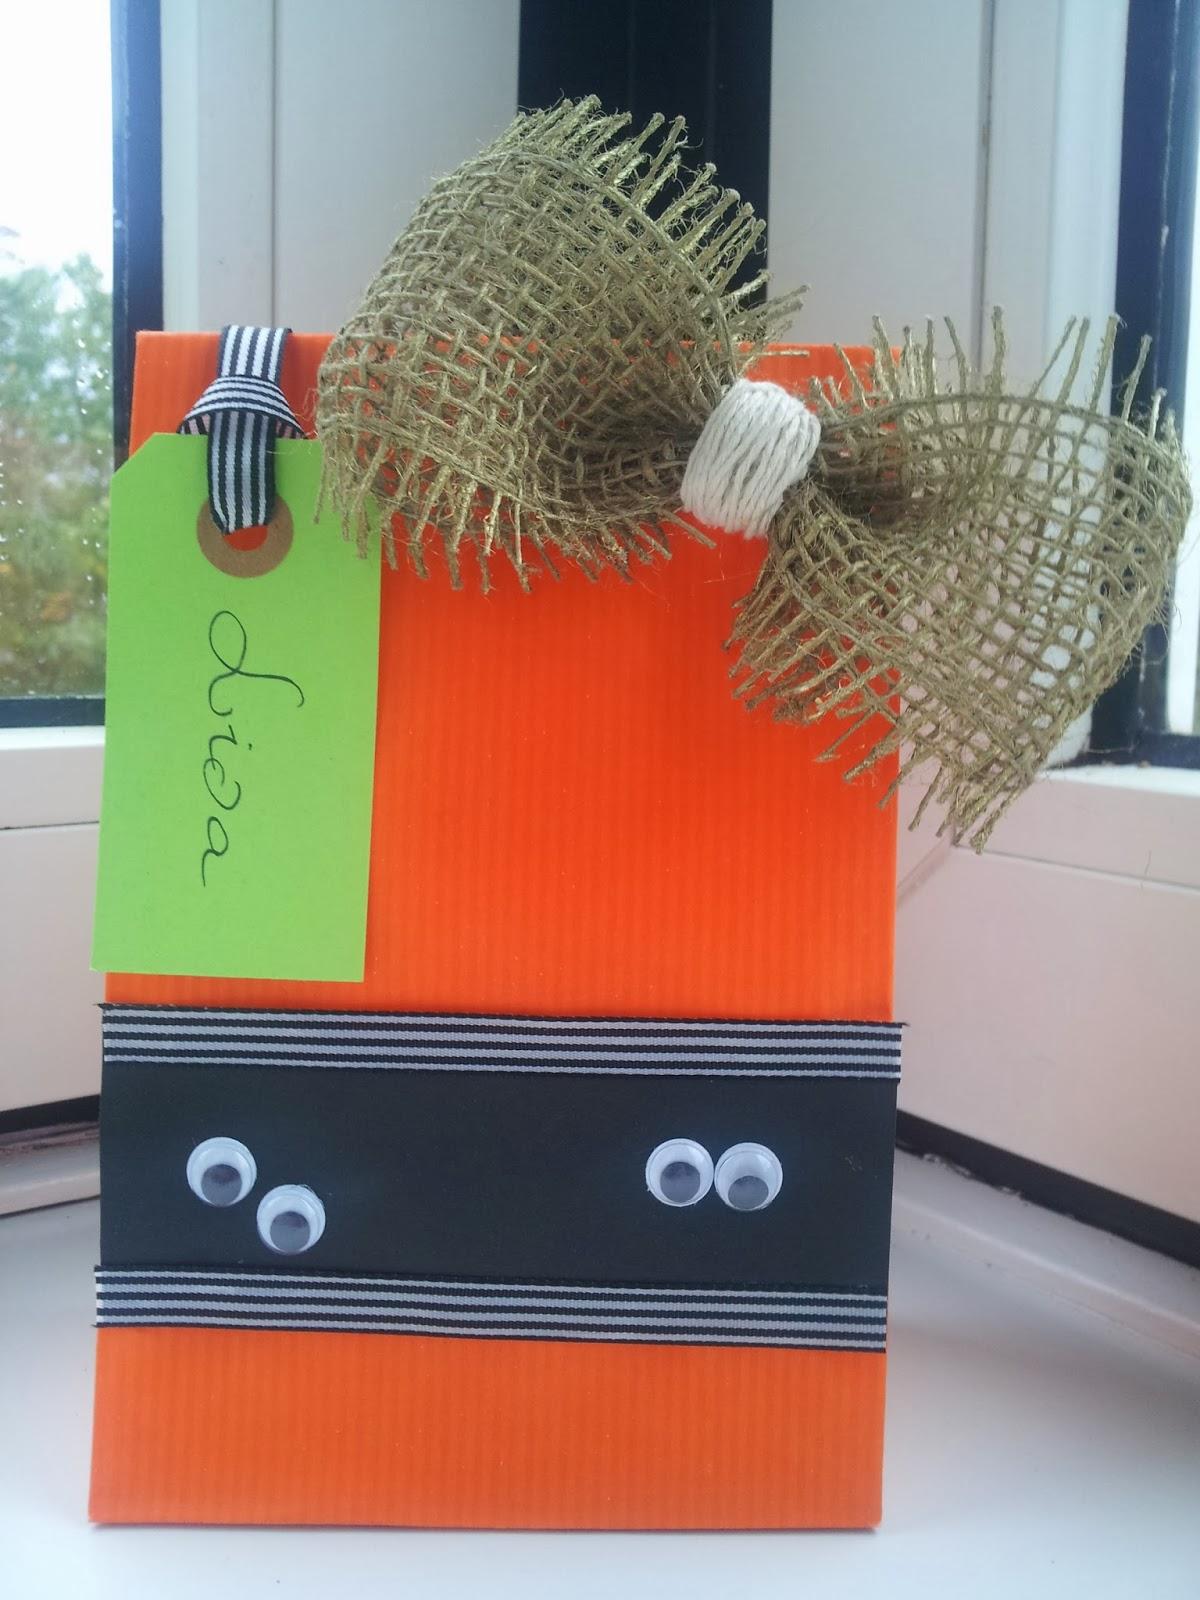 #B33918 Meget bedømt A Spoonful Of Crafts: Gør Det Selv For Børn: Goodie Bags Til Halloween / Kids  Gør Det Selv Daybed 5089 120016005089